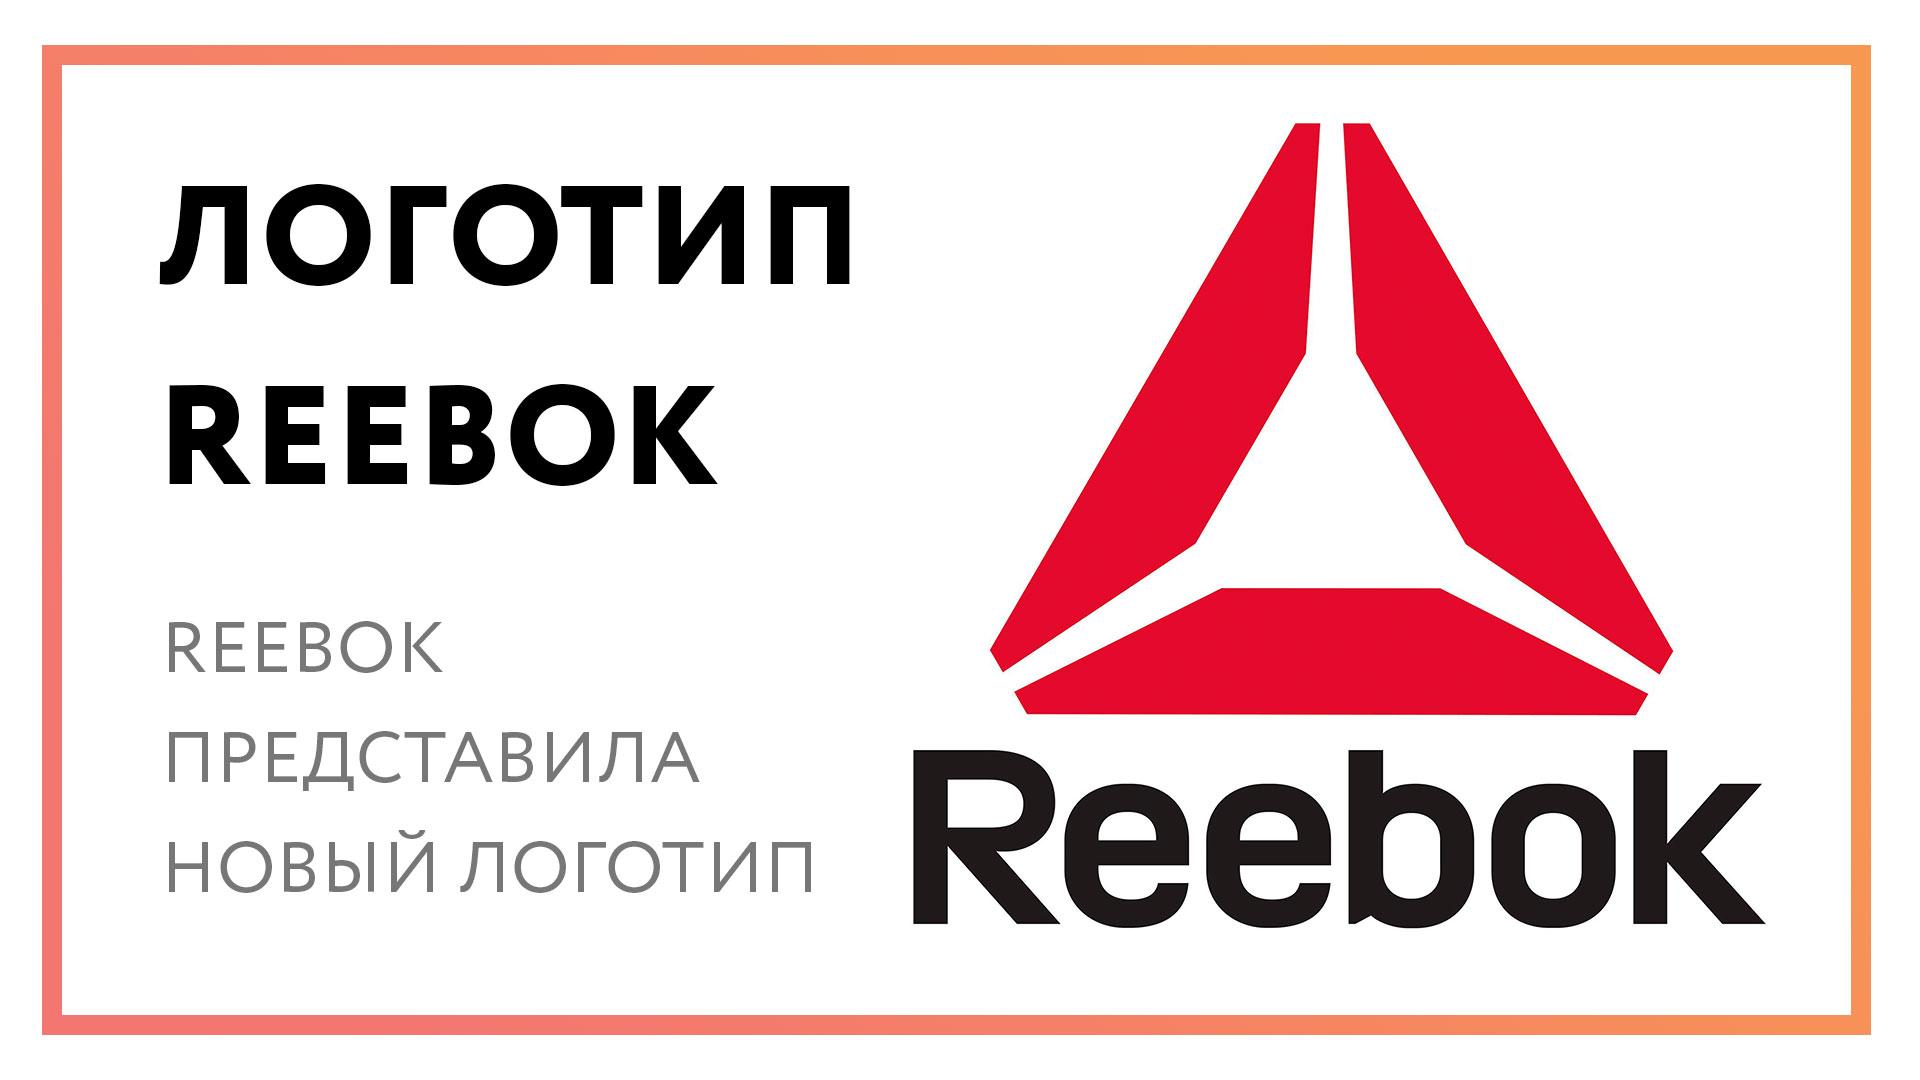 logotip-ribok.jpg